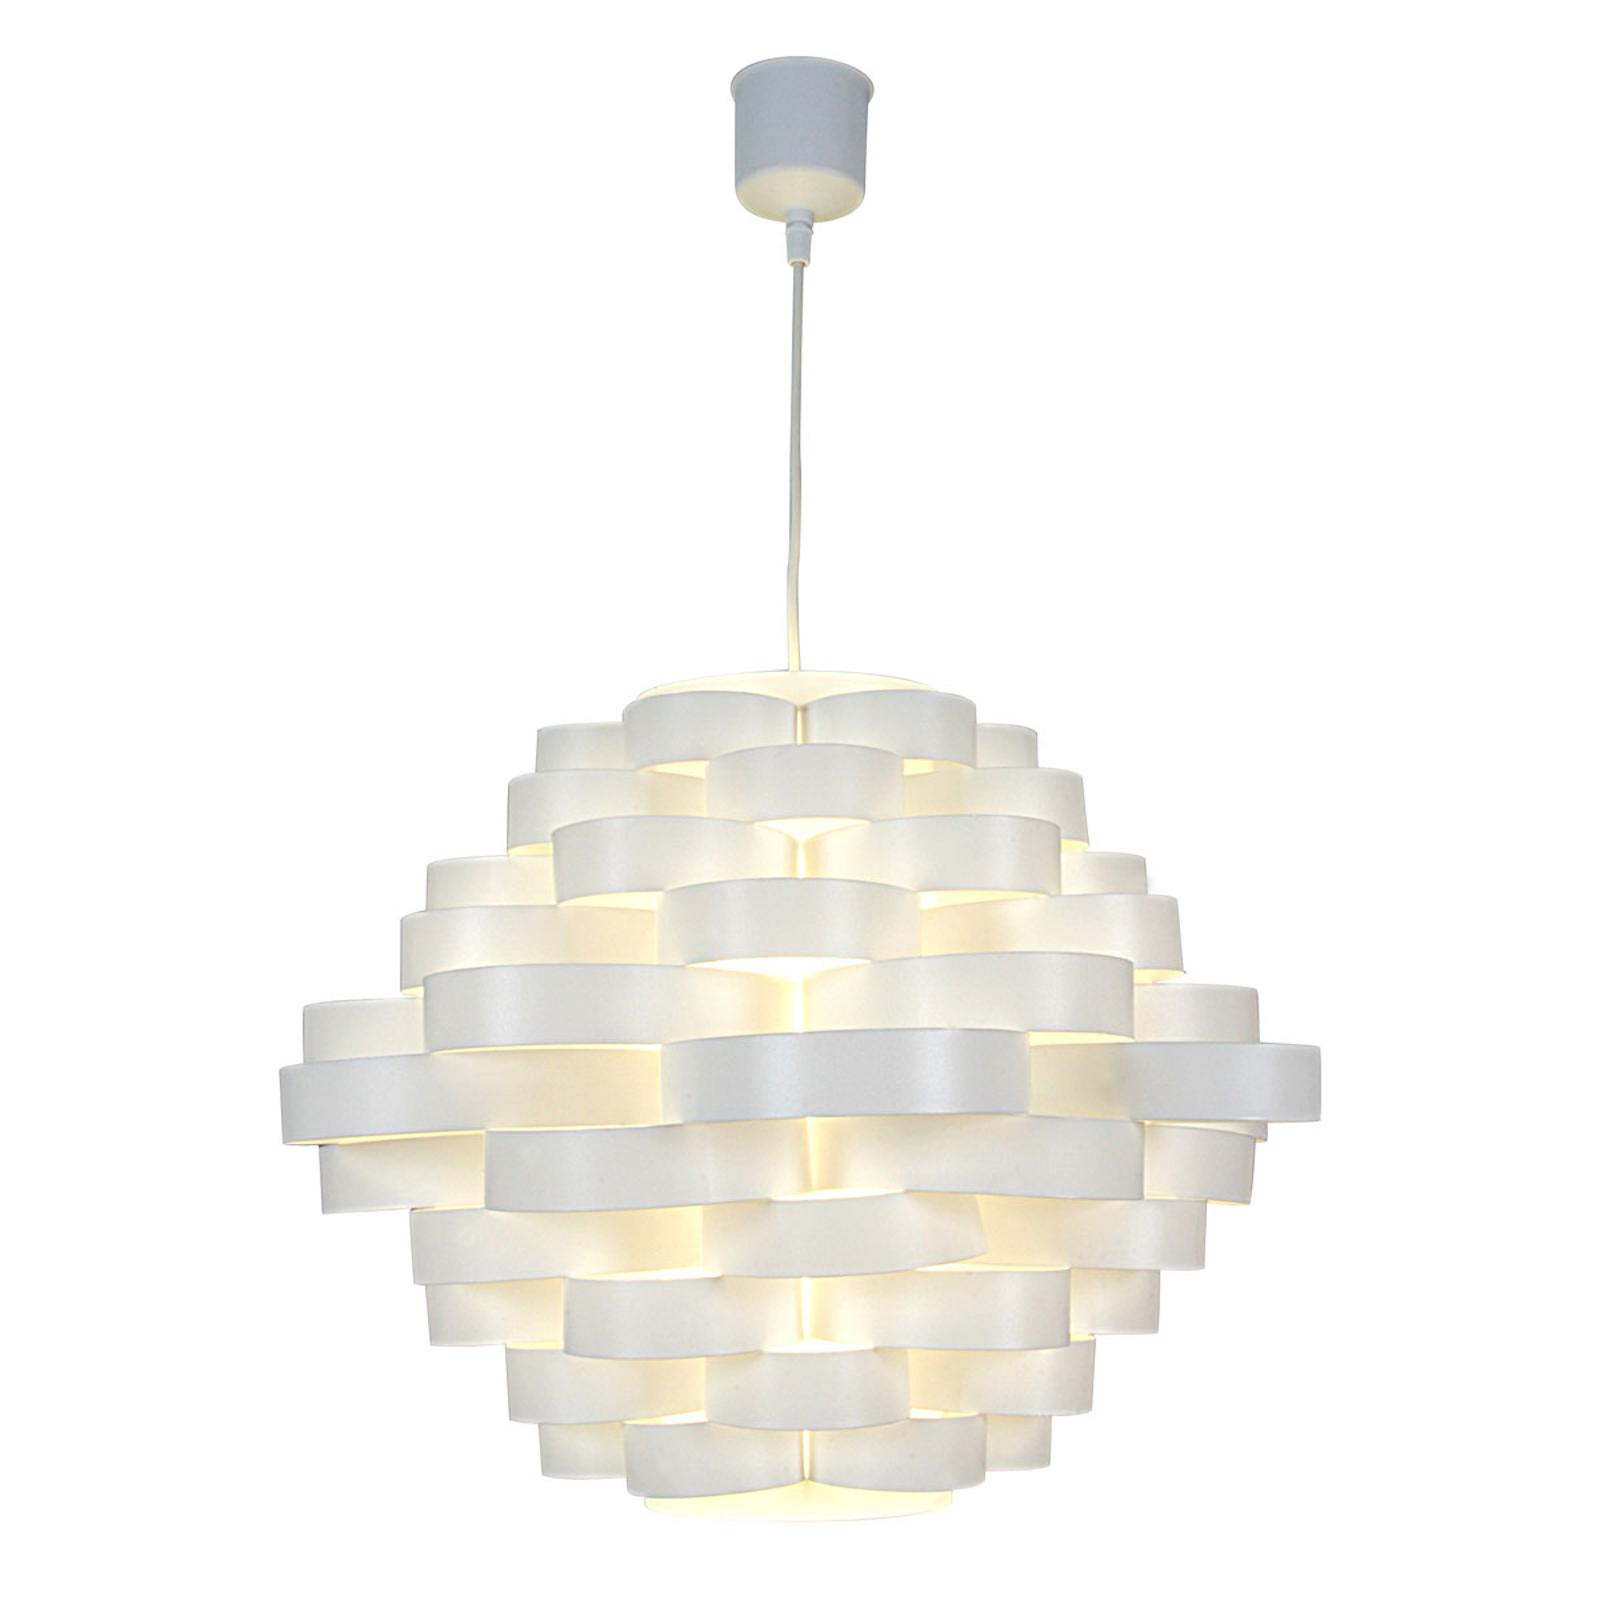 Hanglamp White met kap van ronde schijven